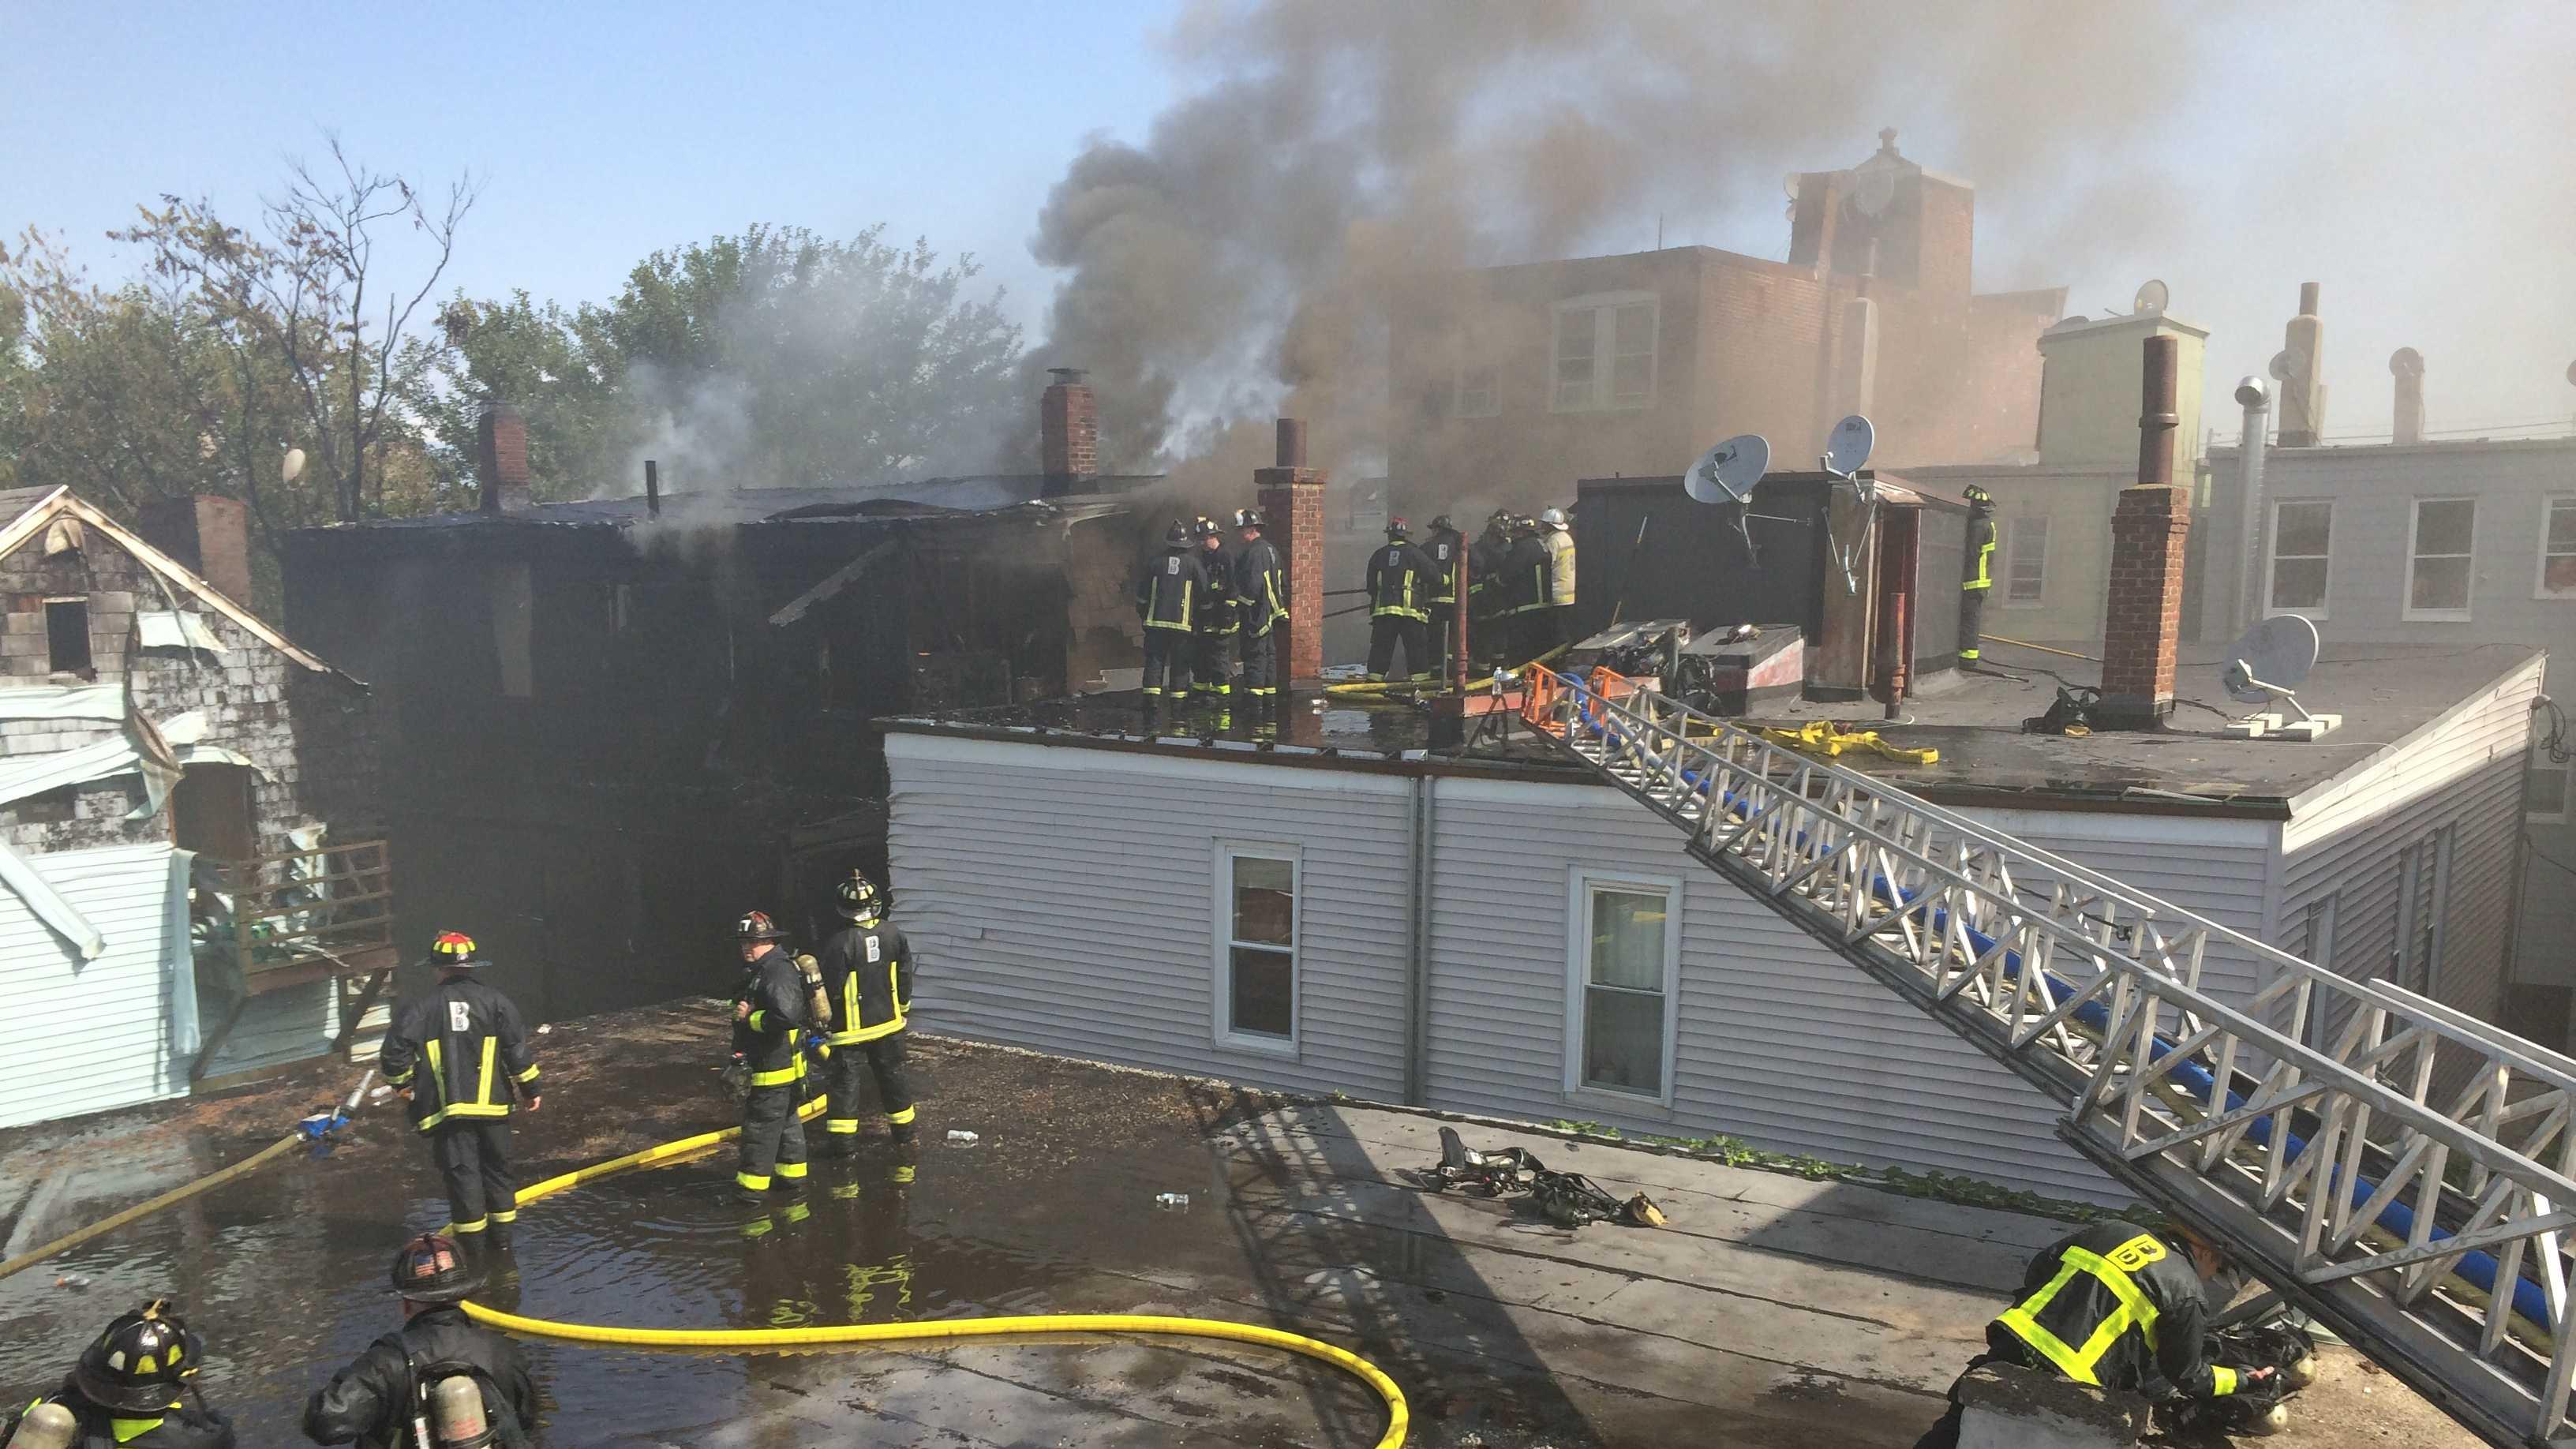 East Boston fire 7.30